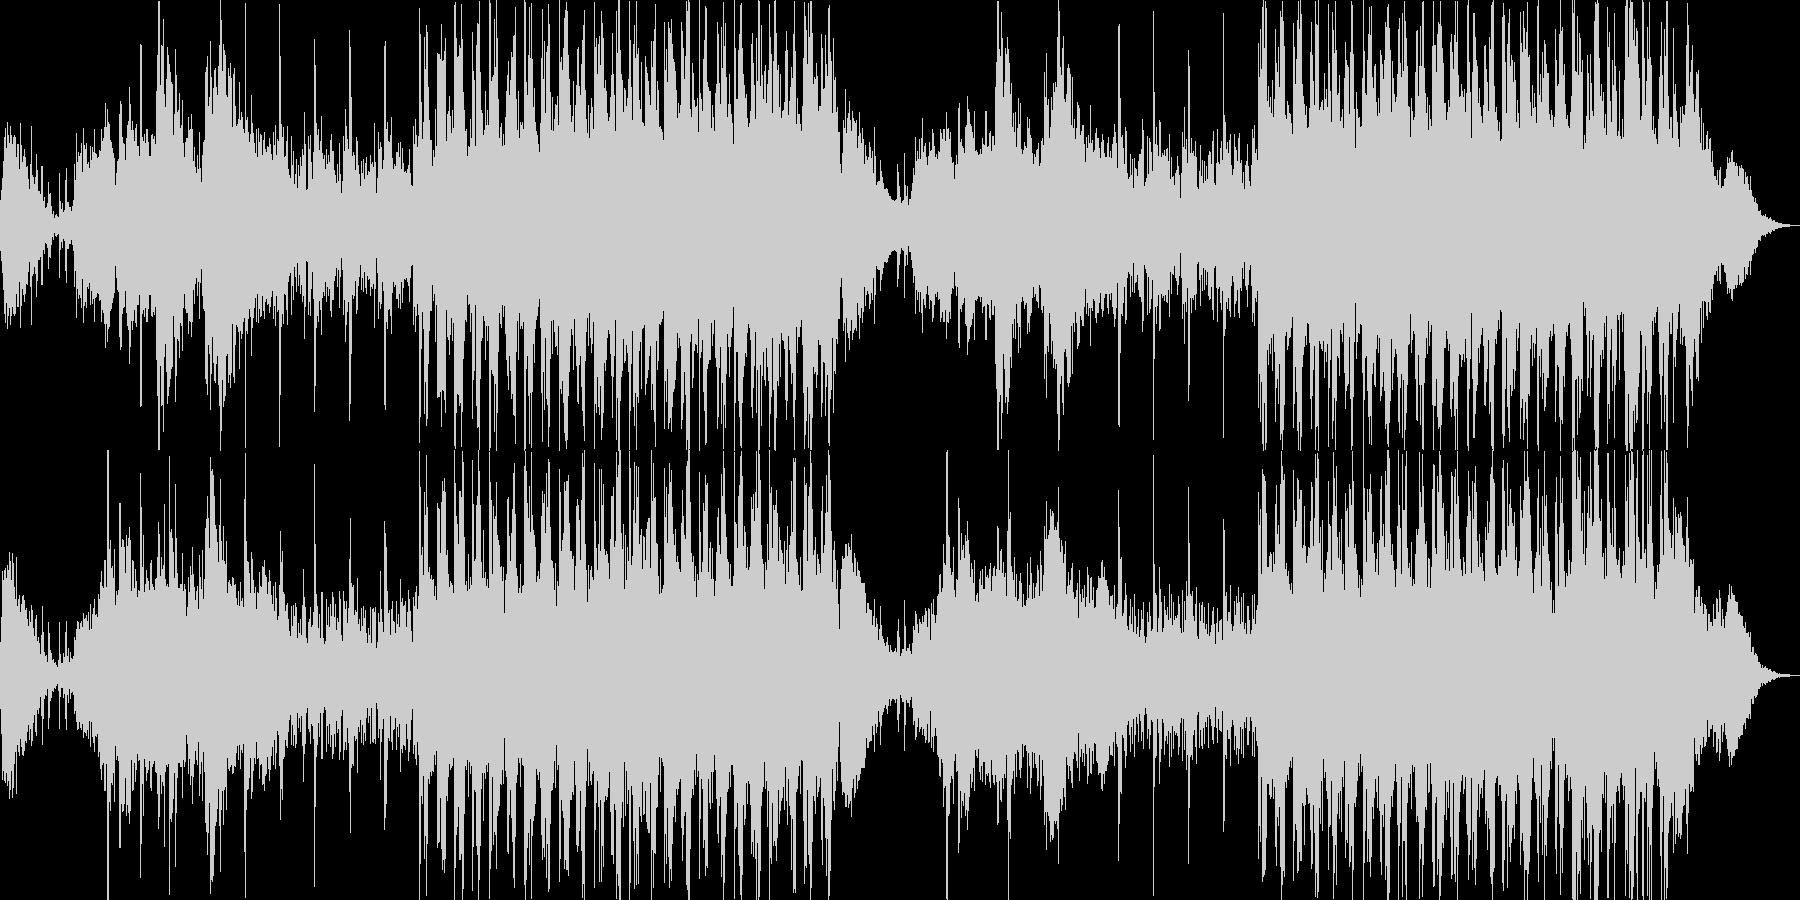 映画音楽、シネマティック映像向け-07の未再生の波形